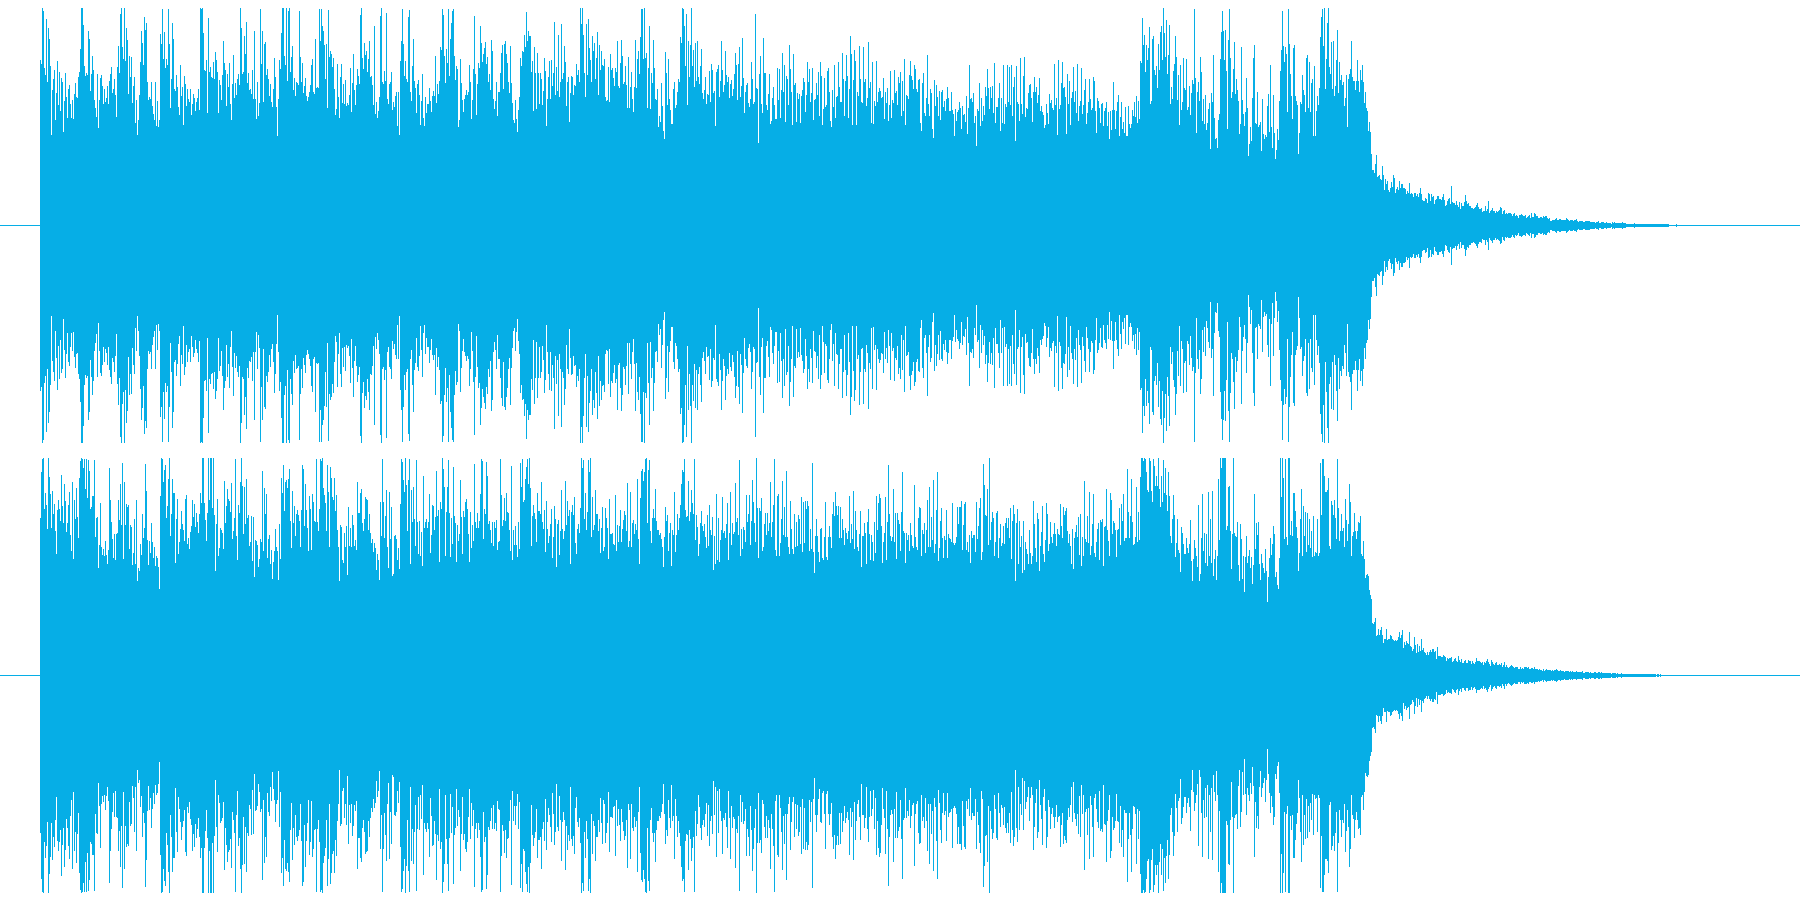 凶悪なハードコアのキメ ジングルの再生済みの波形